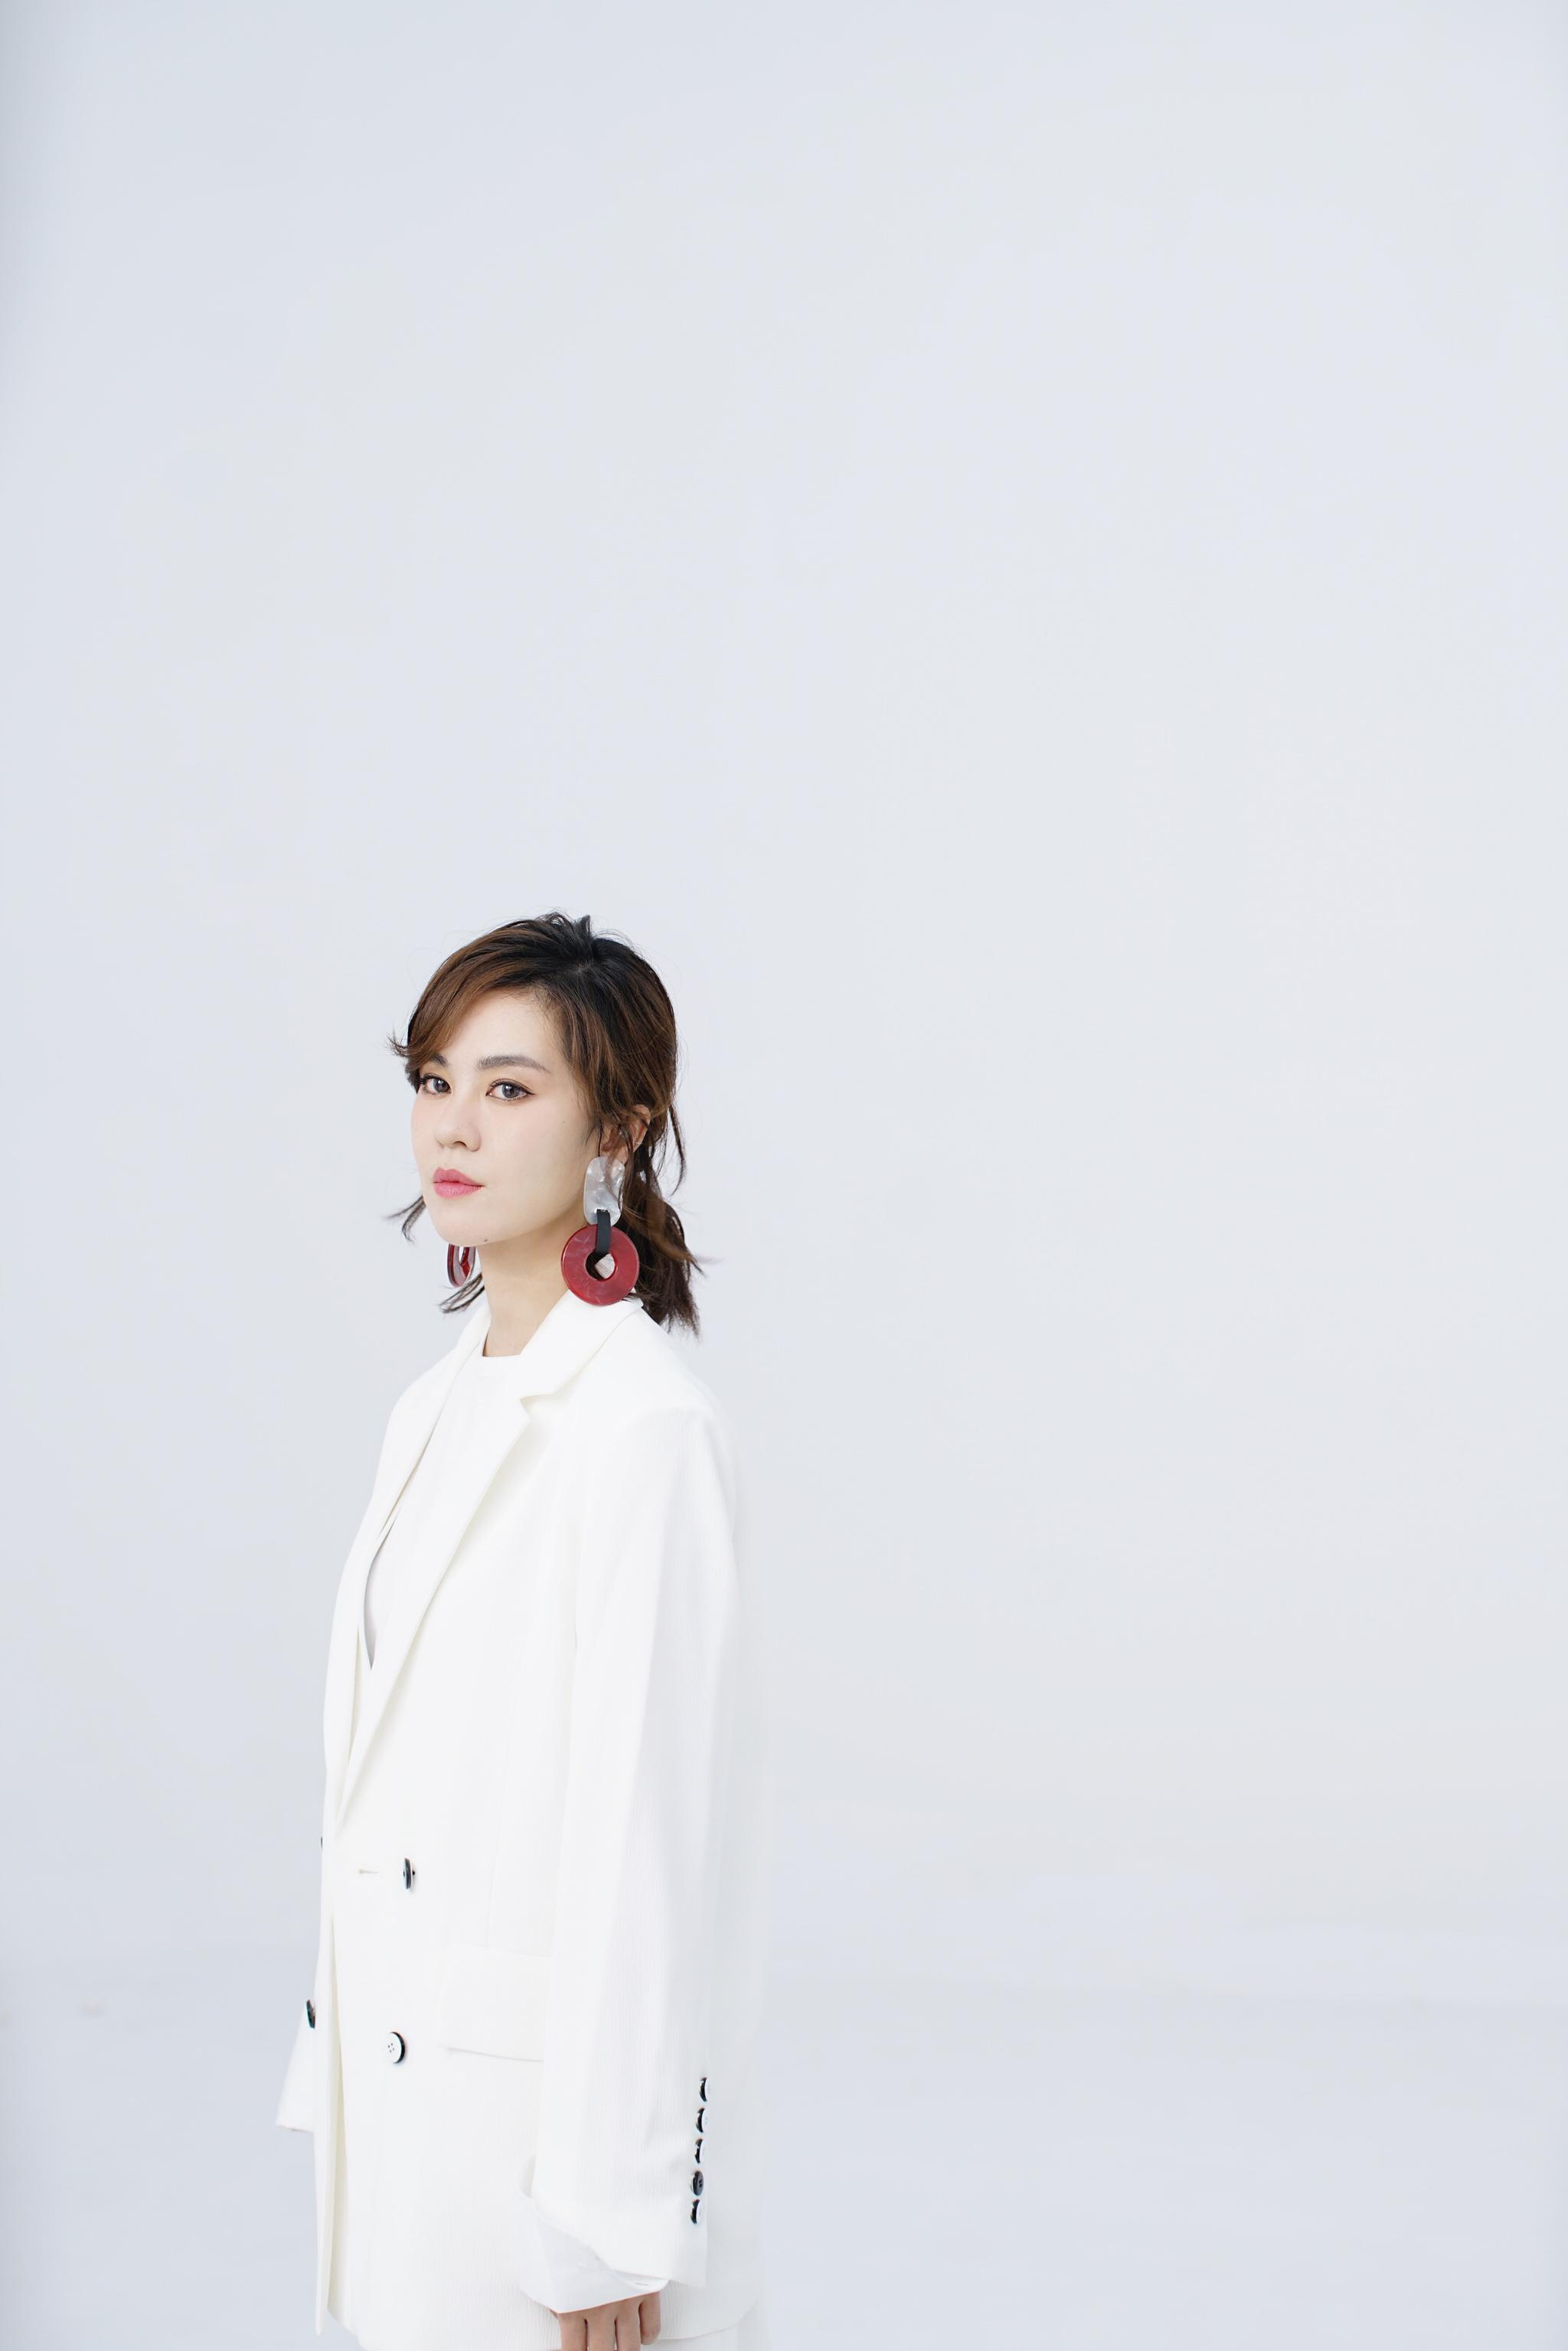 郁可唯首次跨界任MV导演 《你知道》展现多面自我